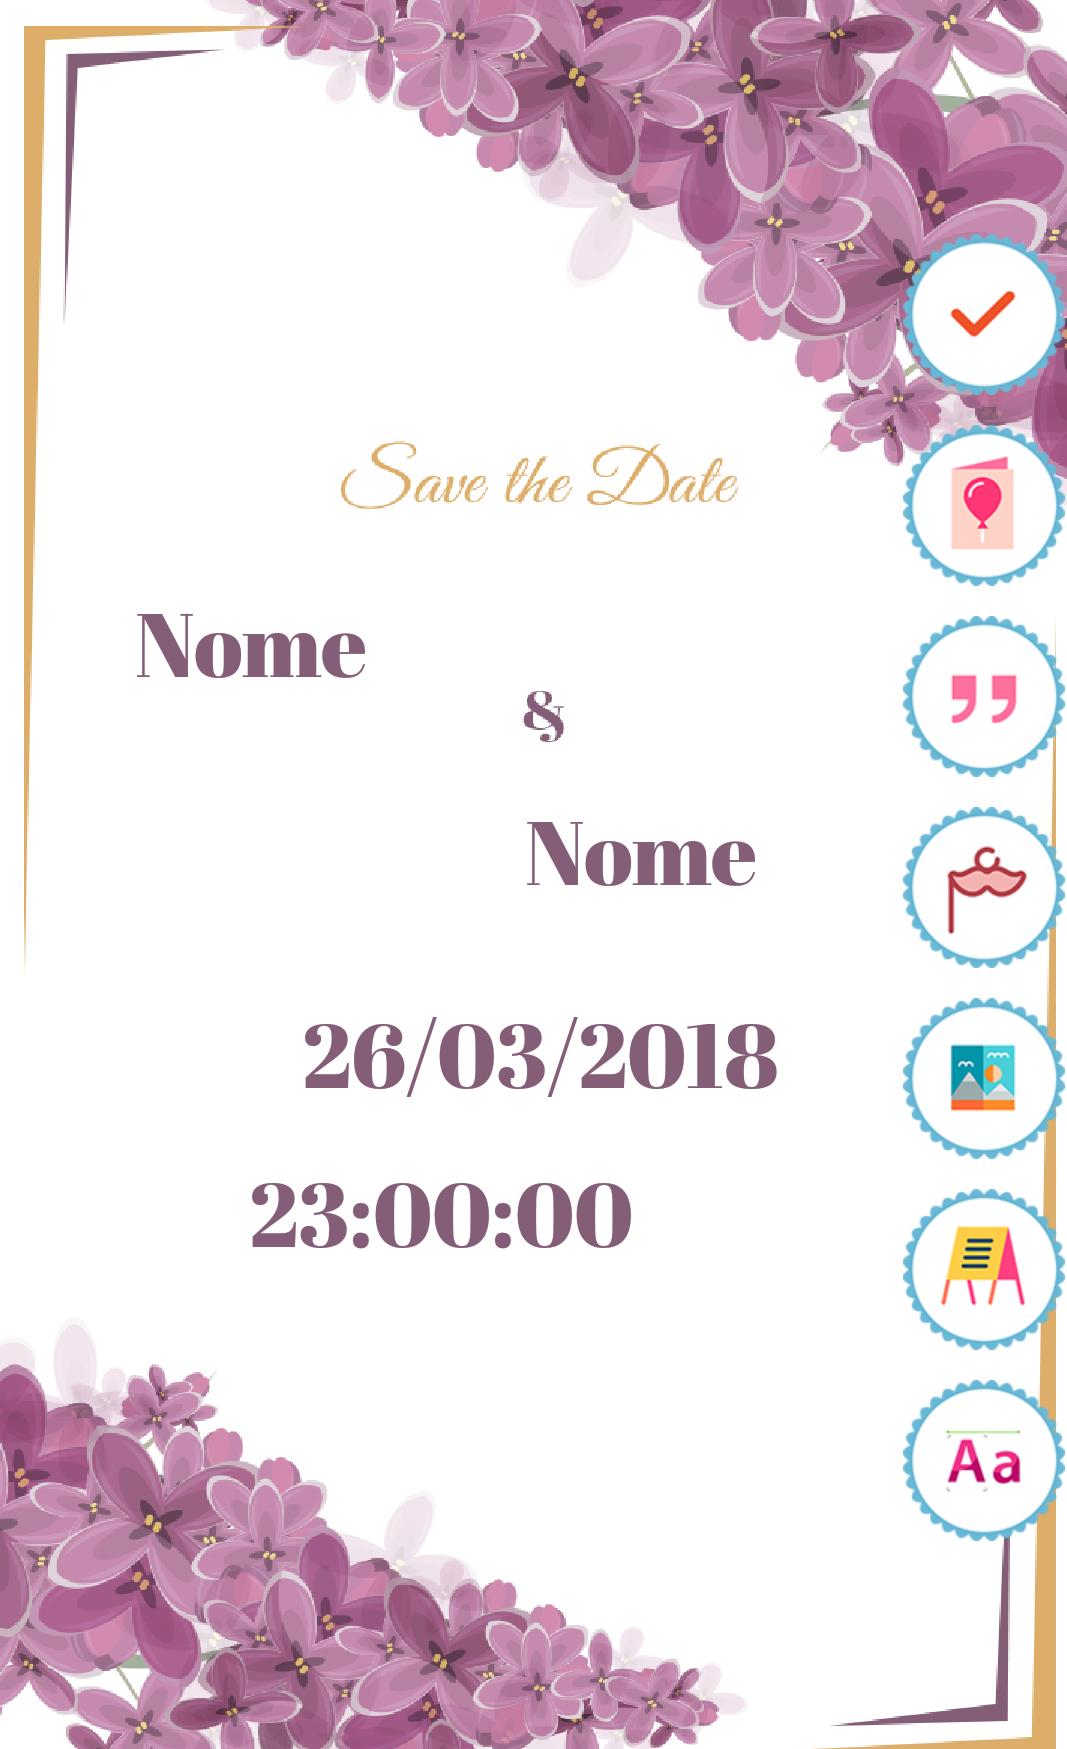 Aplicativos que te ajudam a organizar o casamento - Wedding Invitation Card Maker